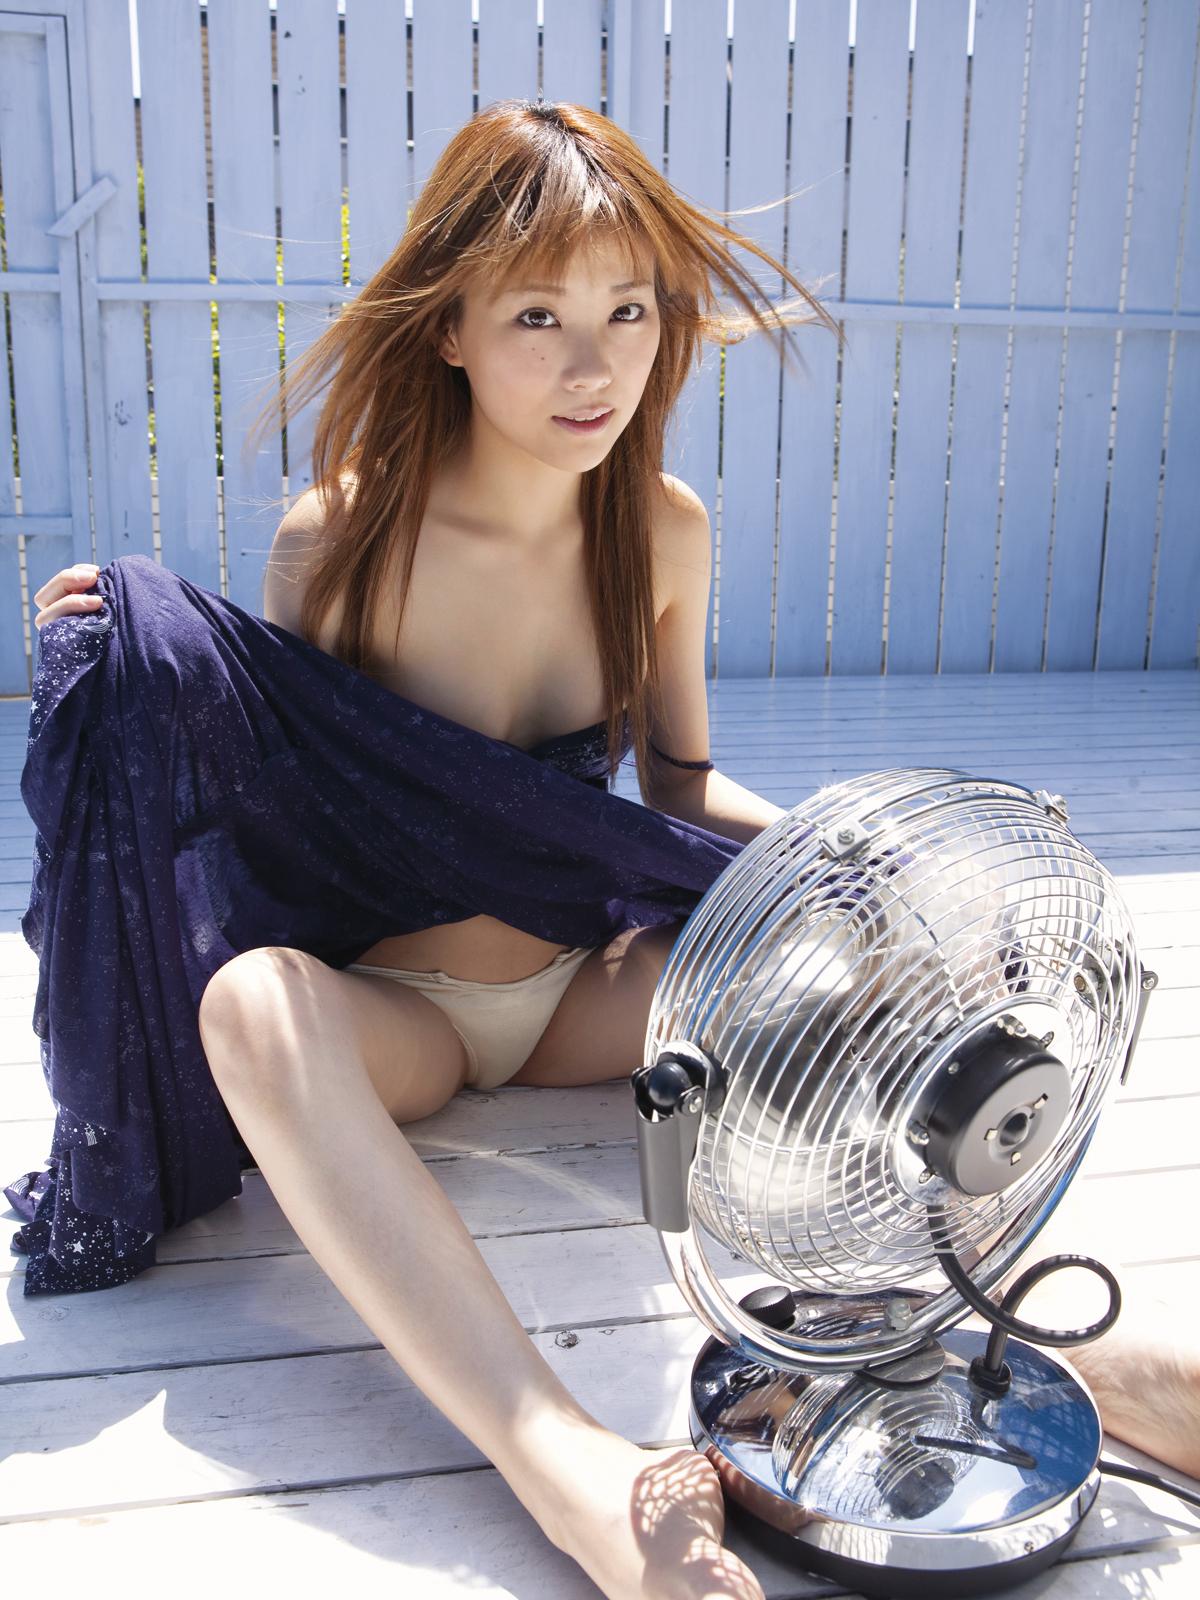 [Sabra.net] StrictlyGirls Satomi Shigemori 重盛さと美